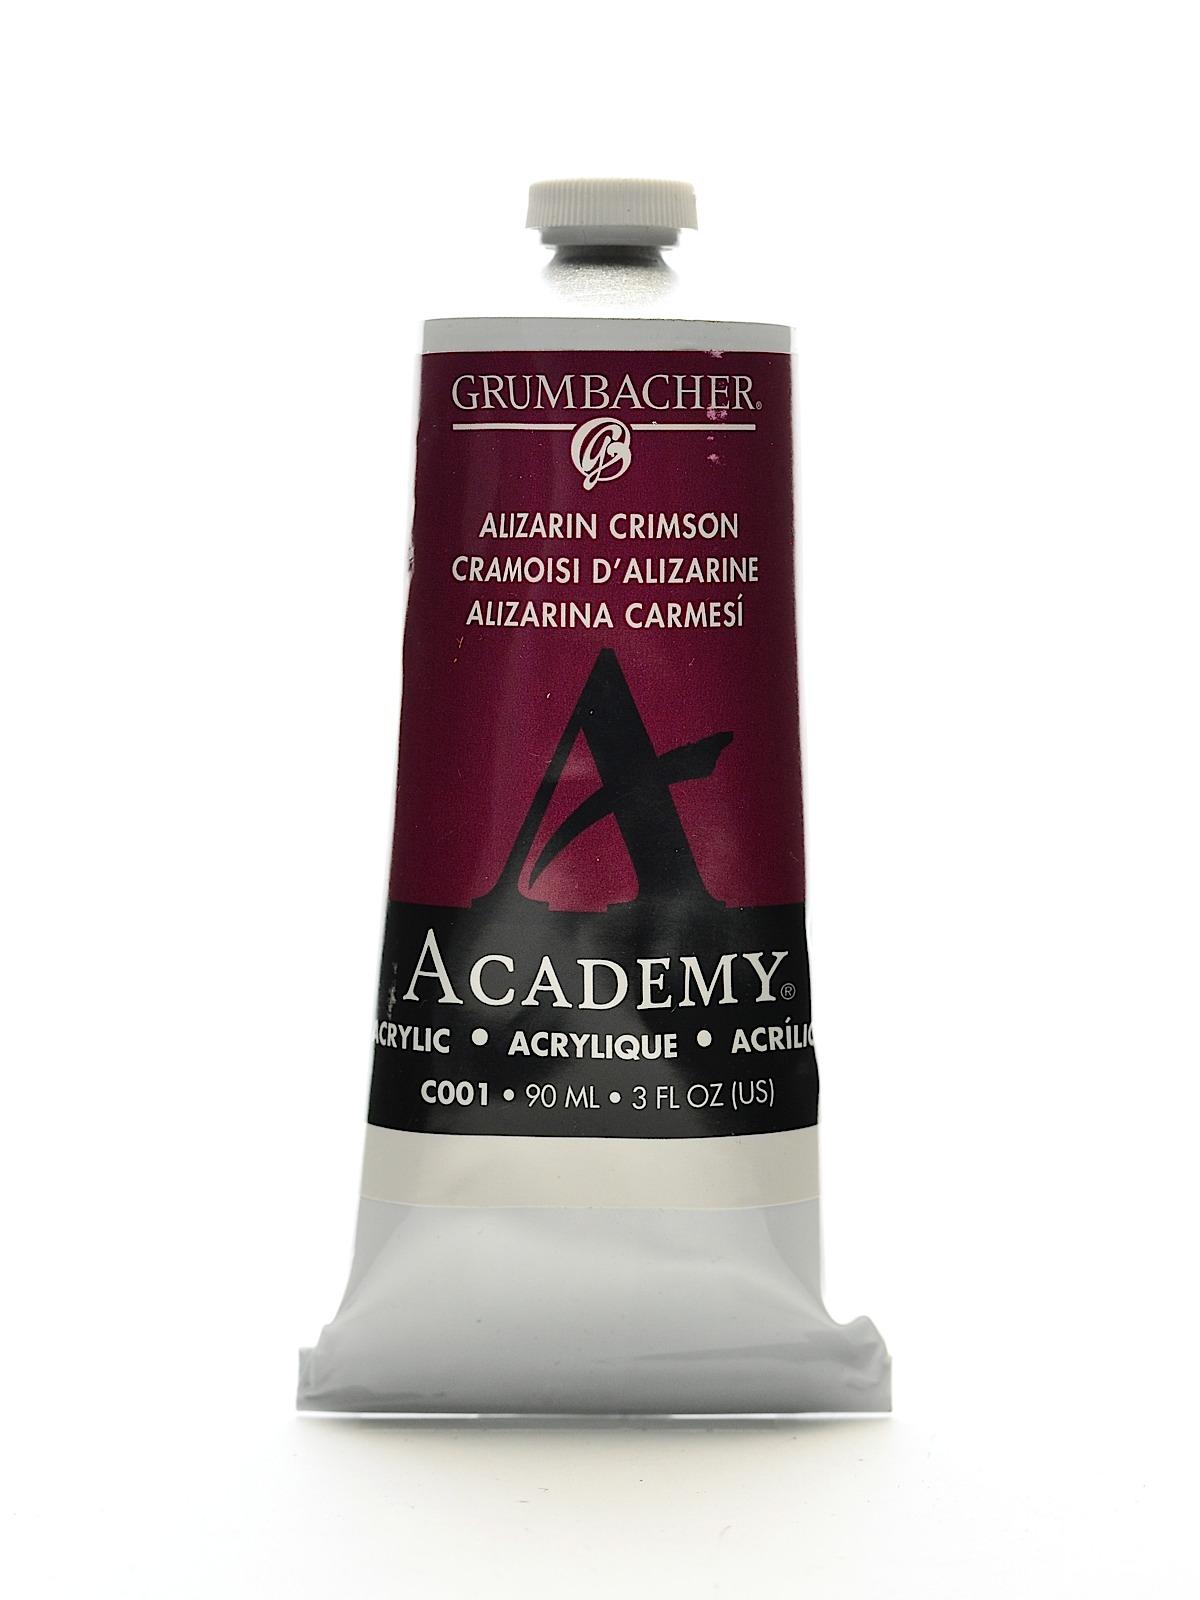 Academy Acrylic Colors alizarin crimson 3 oz. (90 ml)